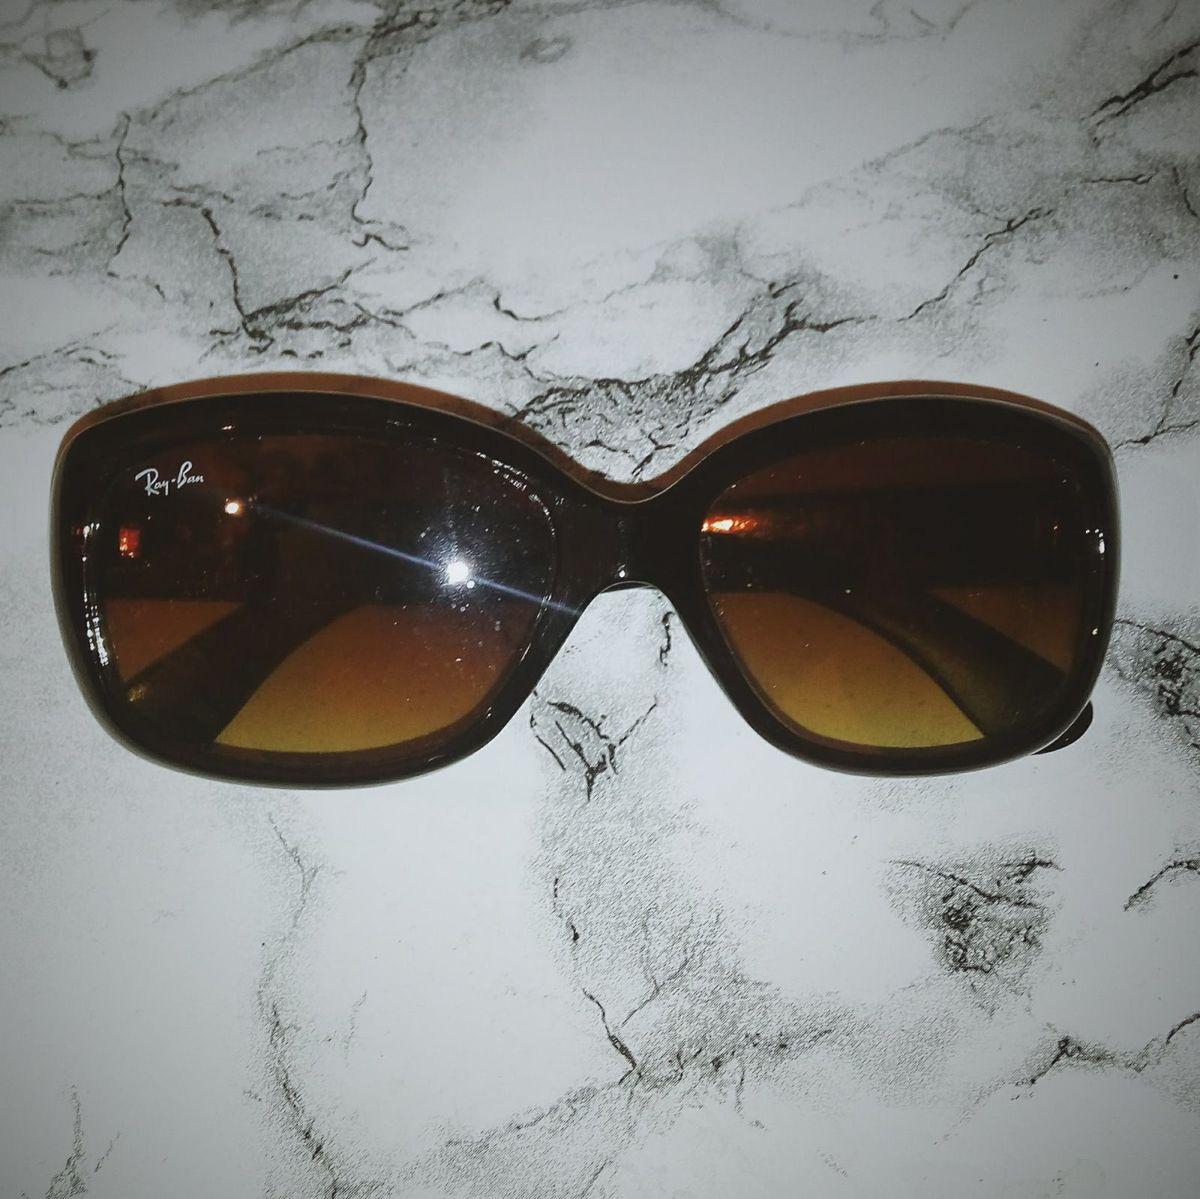 b1592b0f4 rayban vintage degradê marrom - óculos ray-ban.  Czm6ly9wag90b3muzw5qb2vplmnvbs5ici9wcm9kdwn0cy85mtu2os85nmi5ywy3ogy1otu3ndllzgiwmje0m2i1mtliyme4os5qcgc